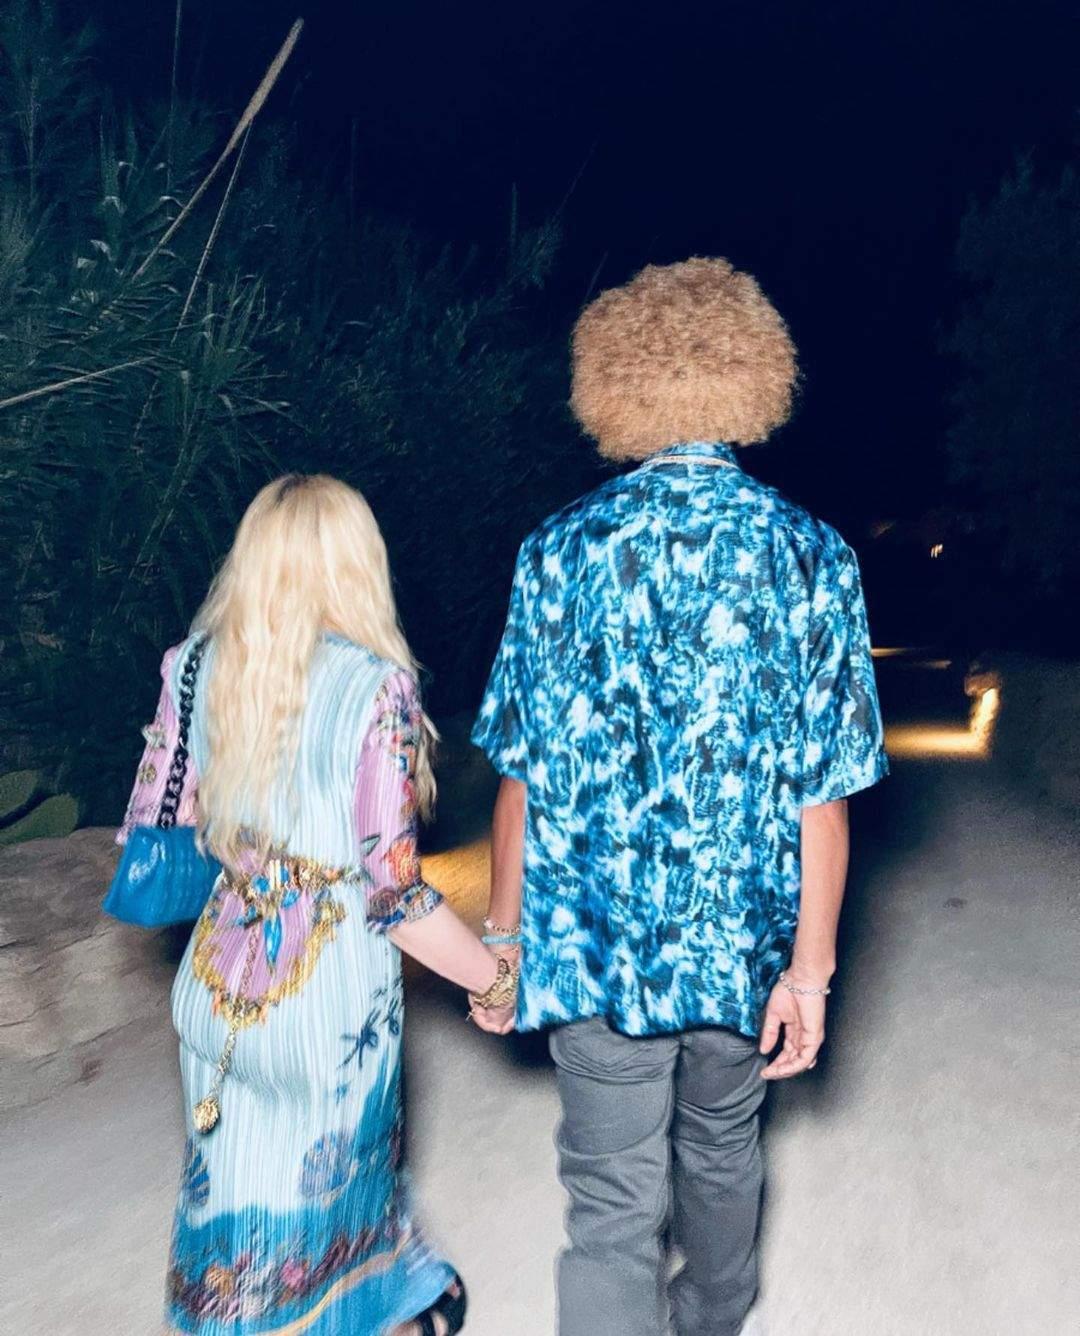 Мадонна в ярком наряде со своим парнем